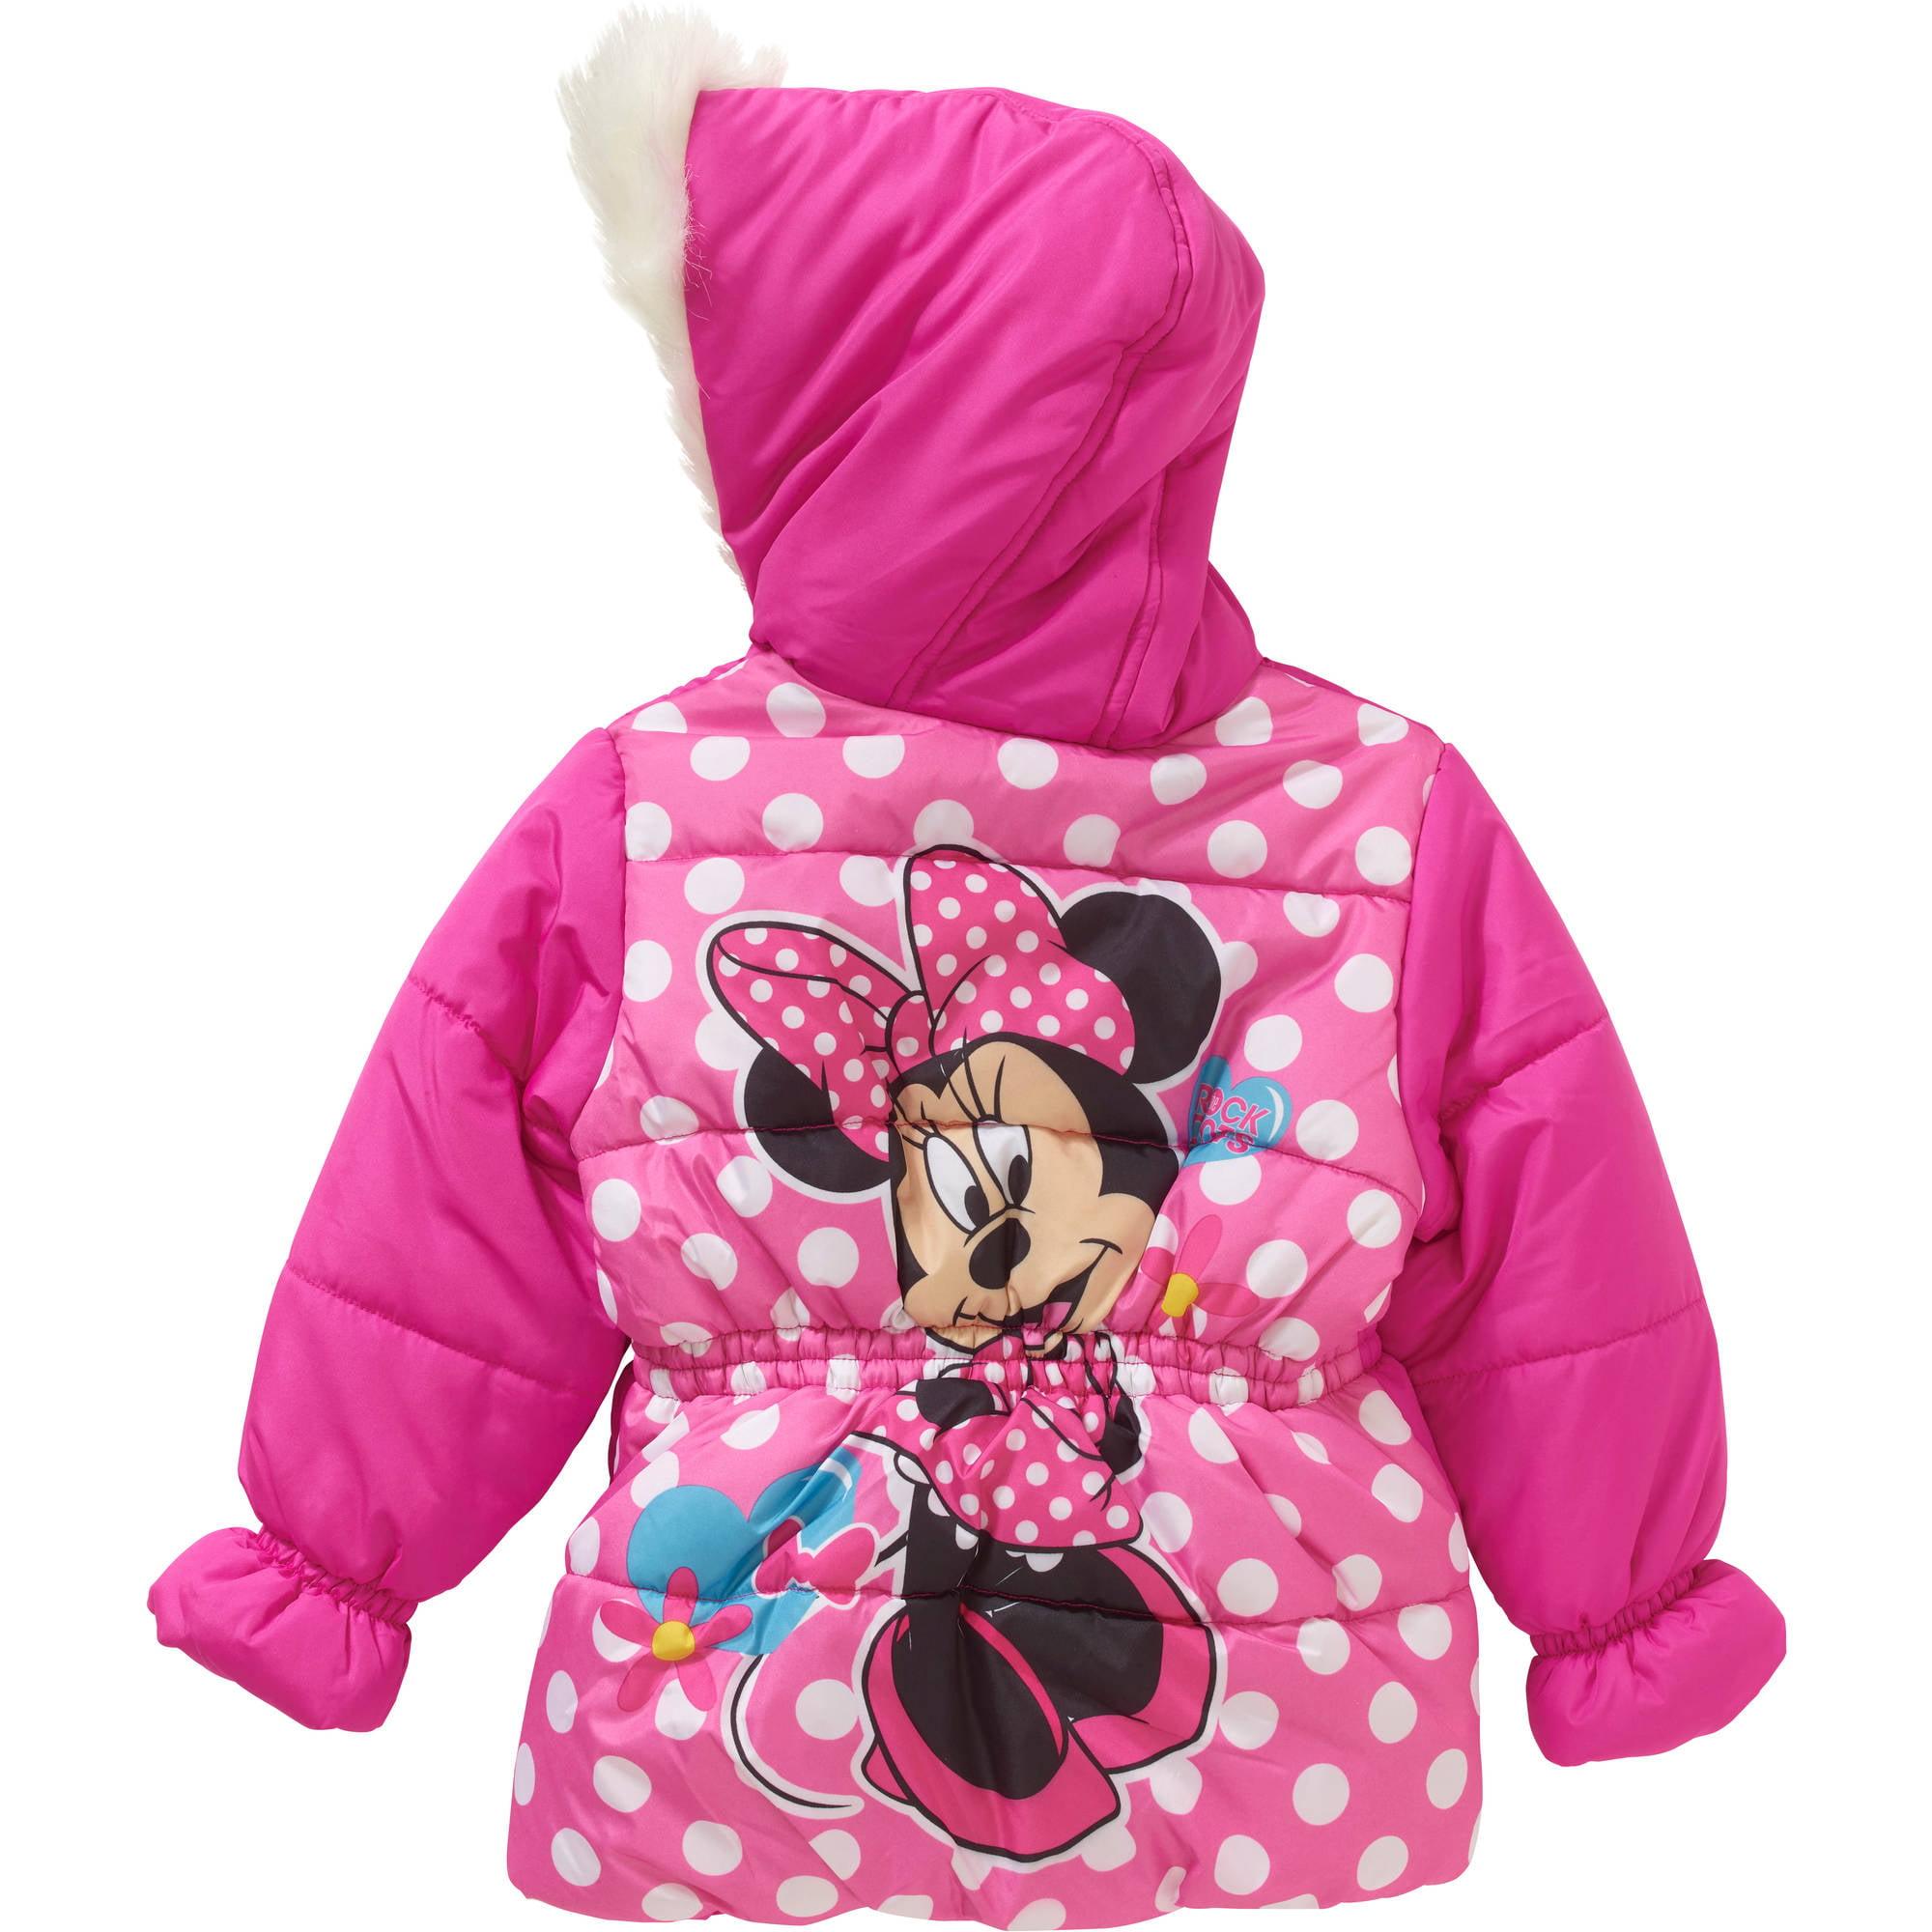 46c10d376111 Minnie mouse coat